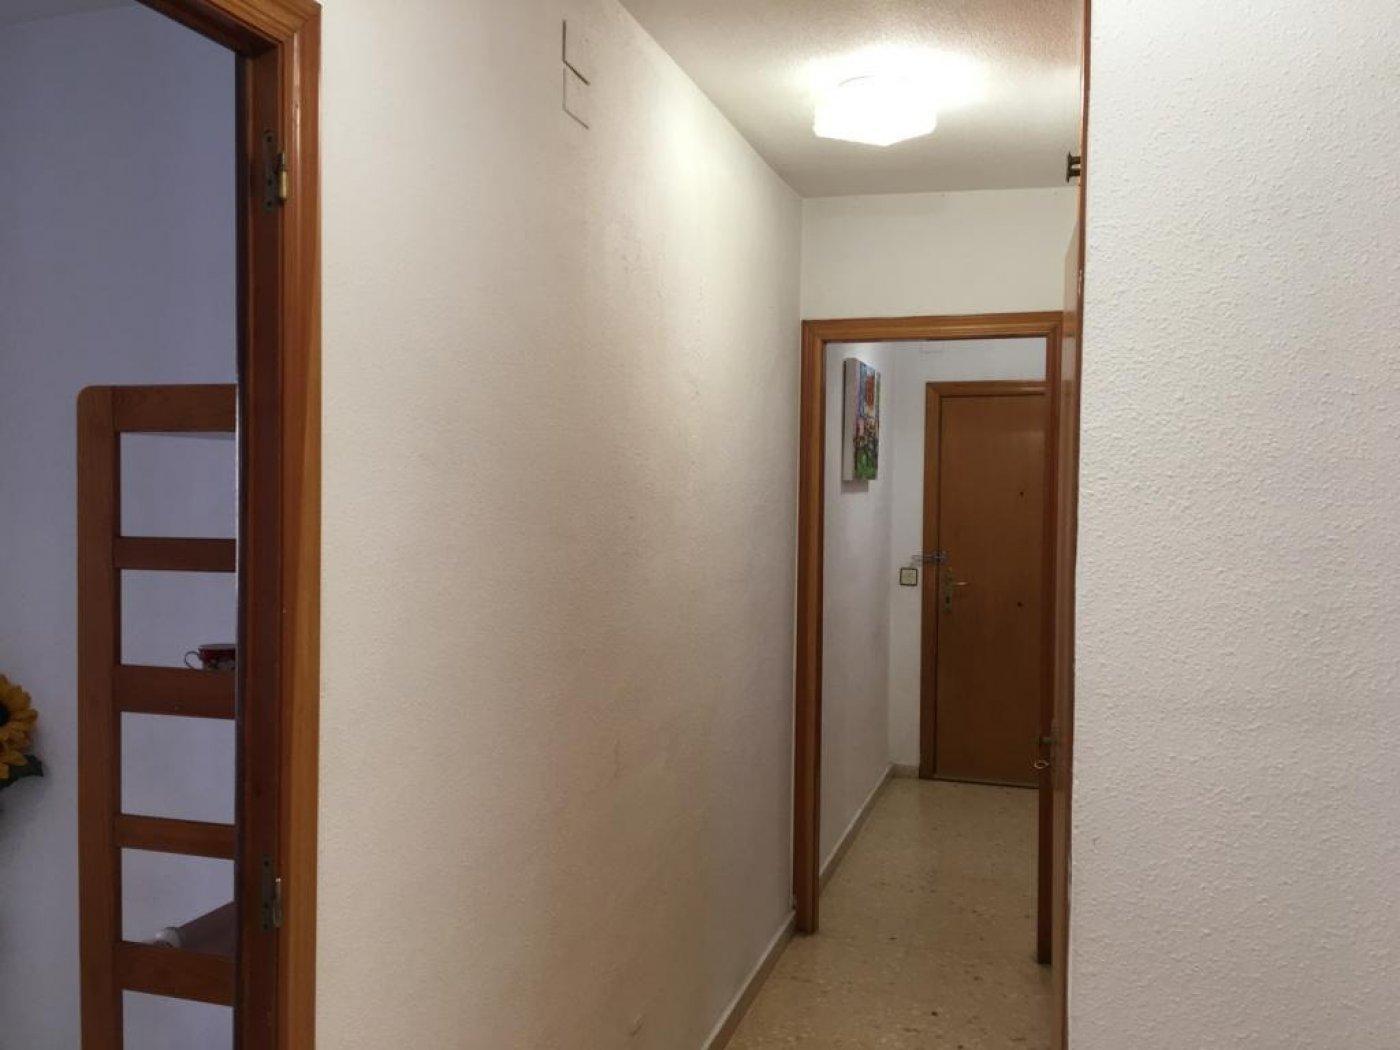 Estupendo apartamento en portsaplaya!!! - imagenInmueble21